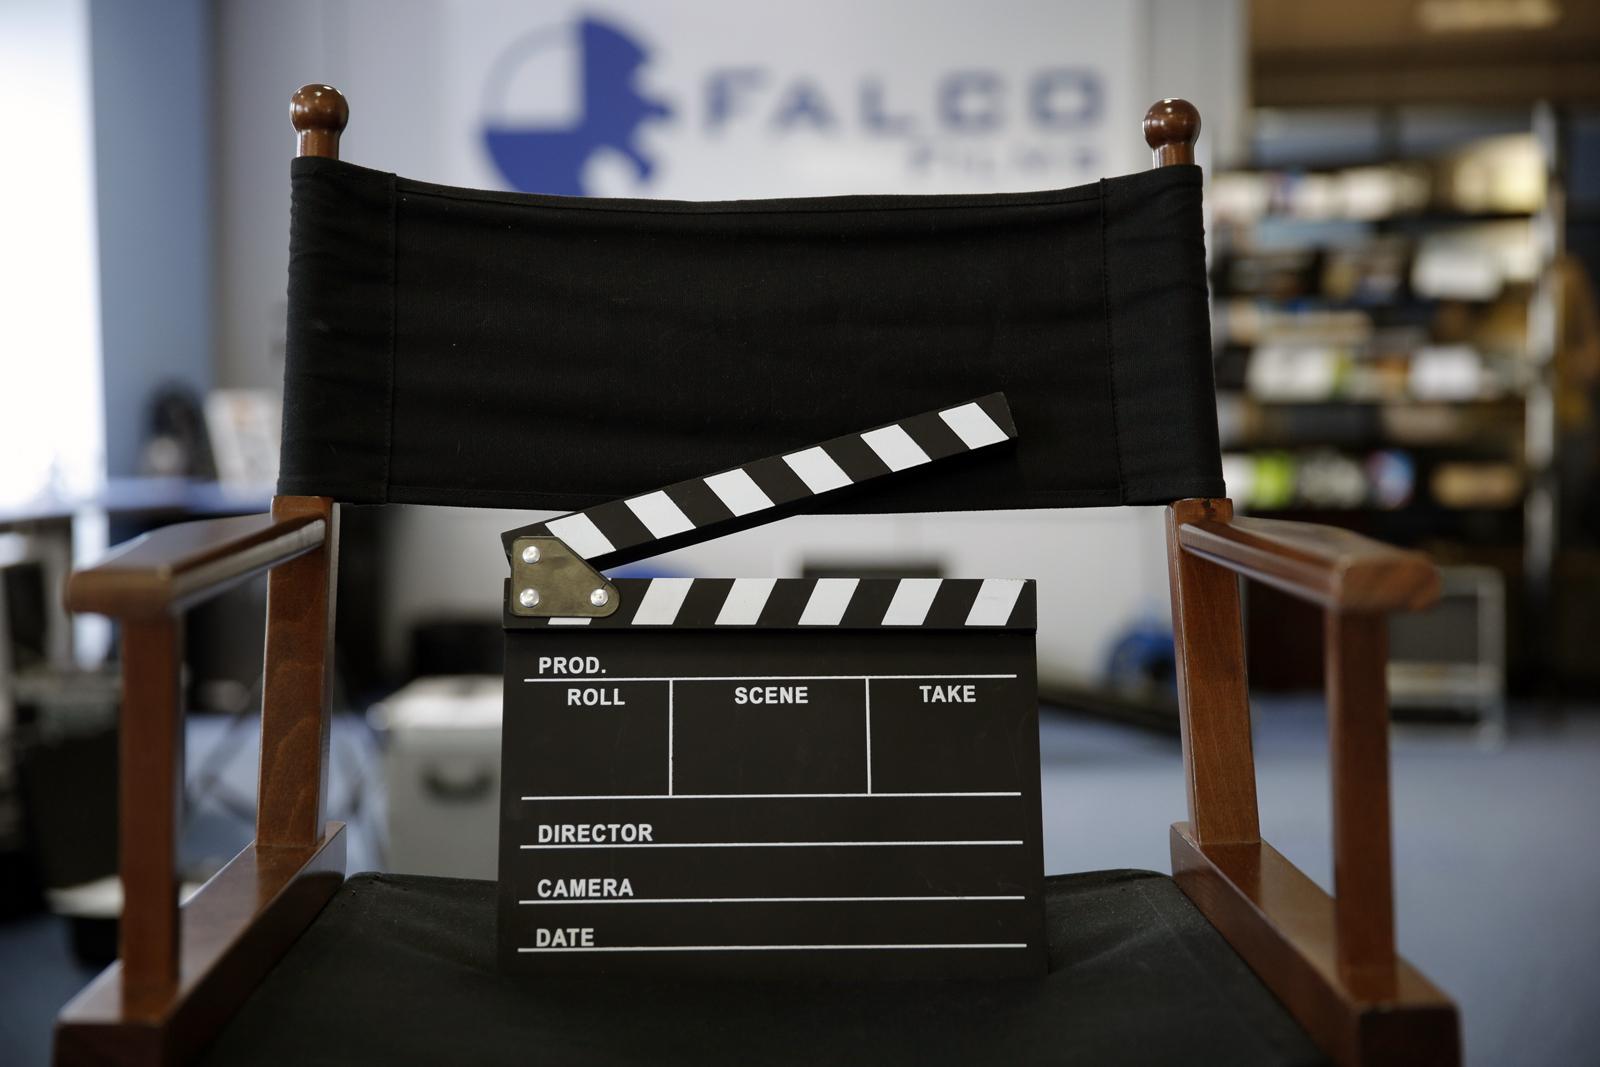 El Cabildo de Gran Canaria construirá 2 grandes platós de cine y tv